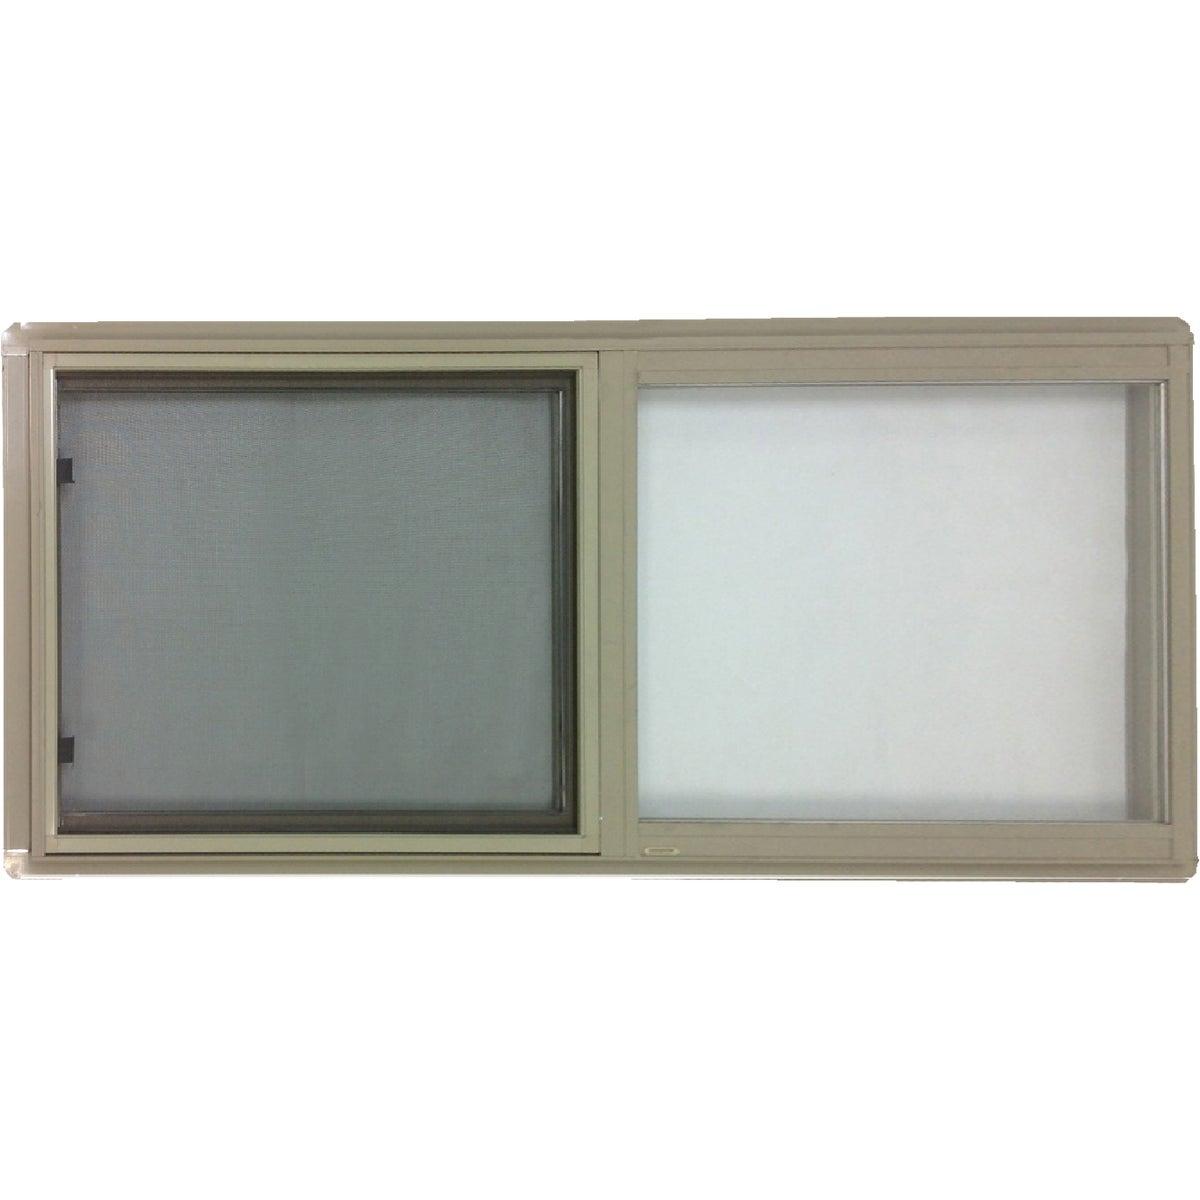 75SD 46X22 SLIDNG WINDOW